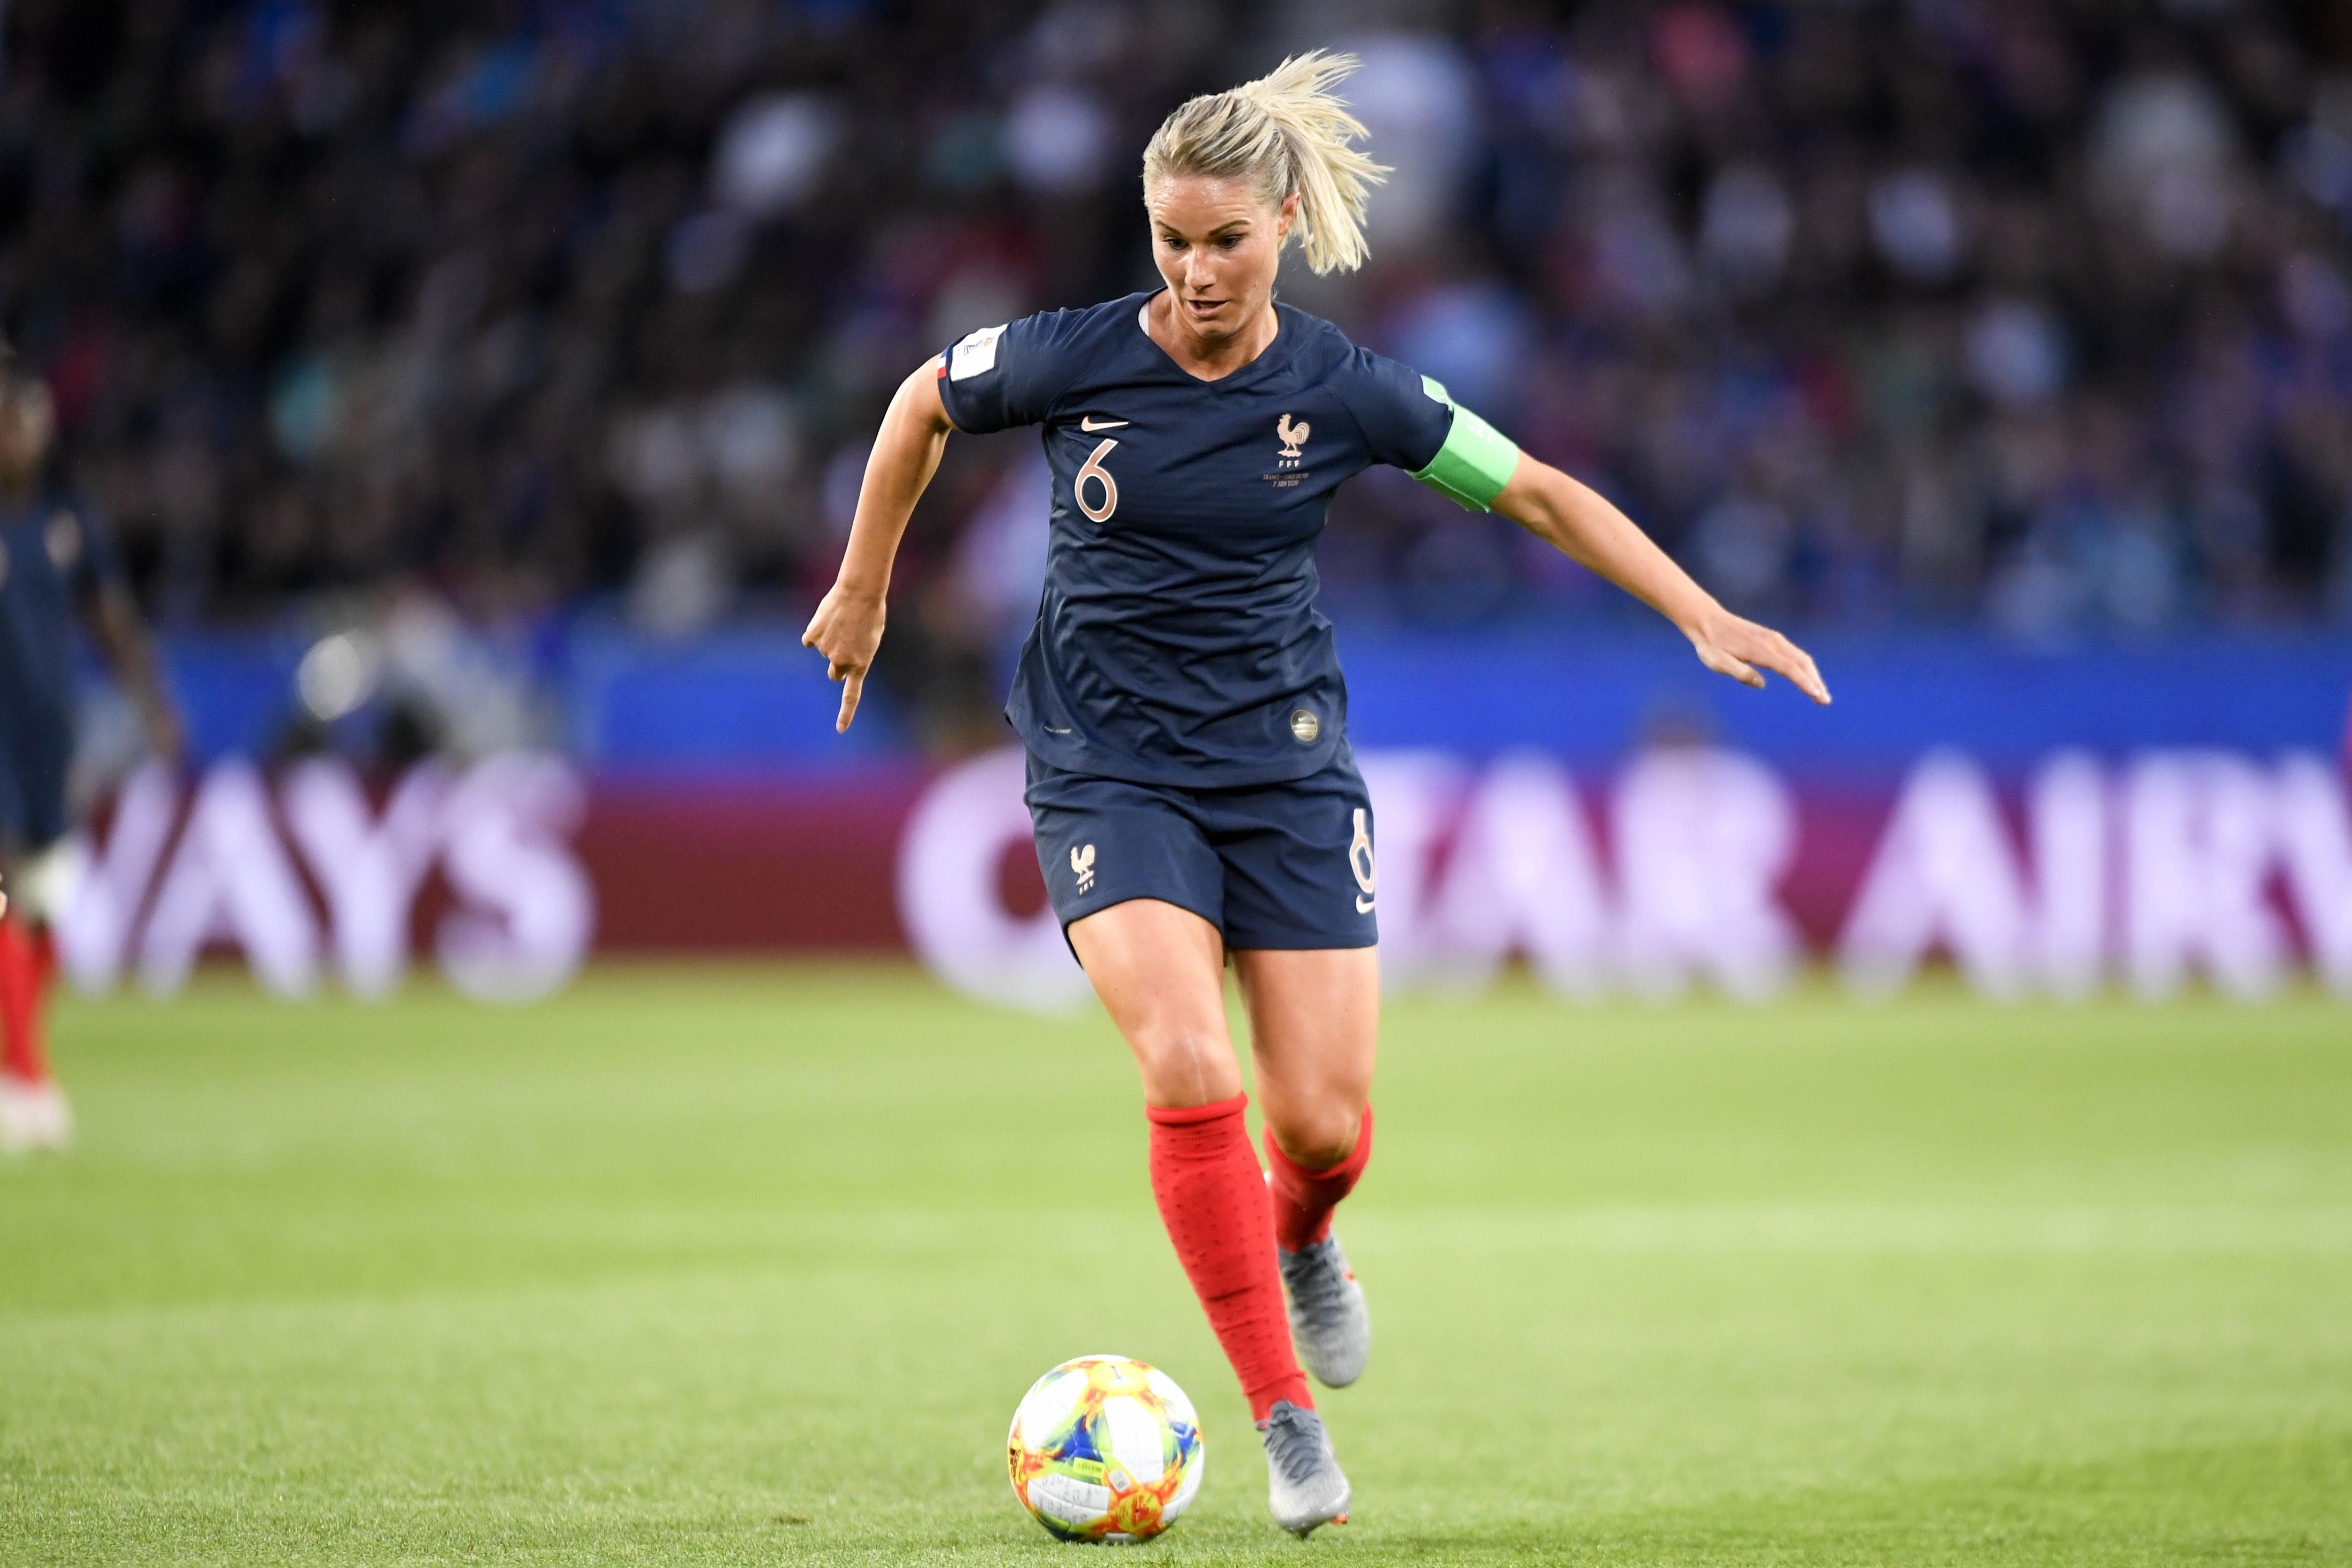 Football - Coupe du monde féminine - Coupe du monde féminine 2019 : La France doit-elle faire tourner face au Nigéria ?